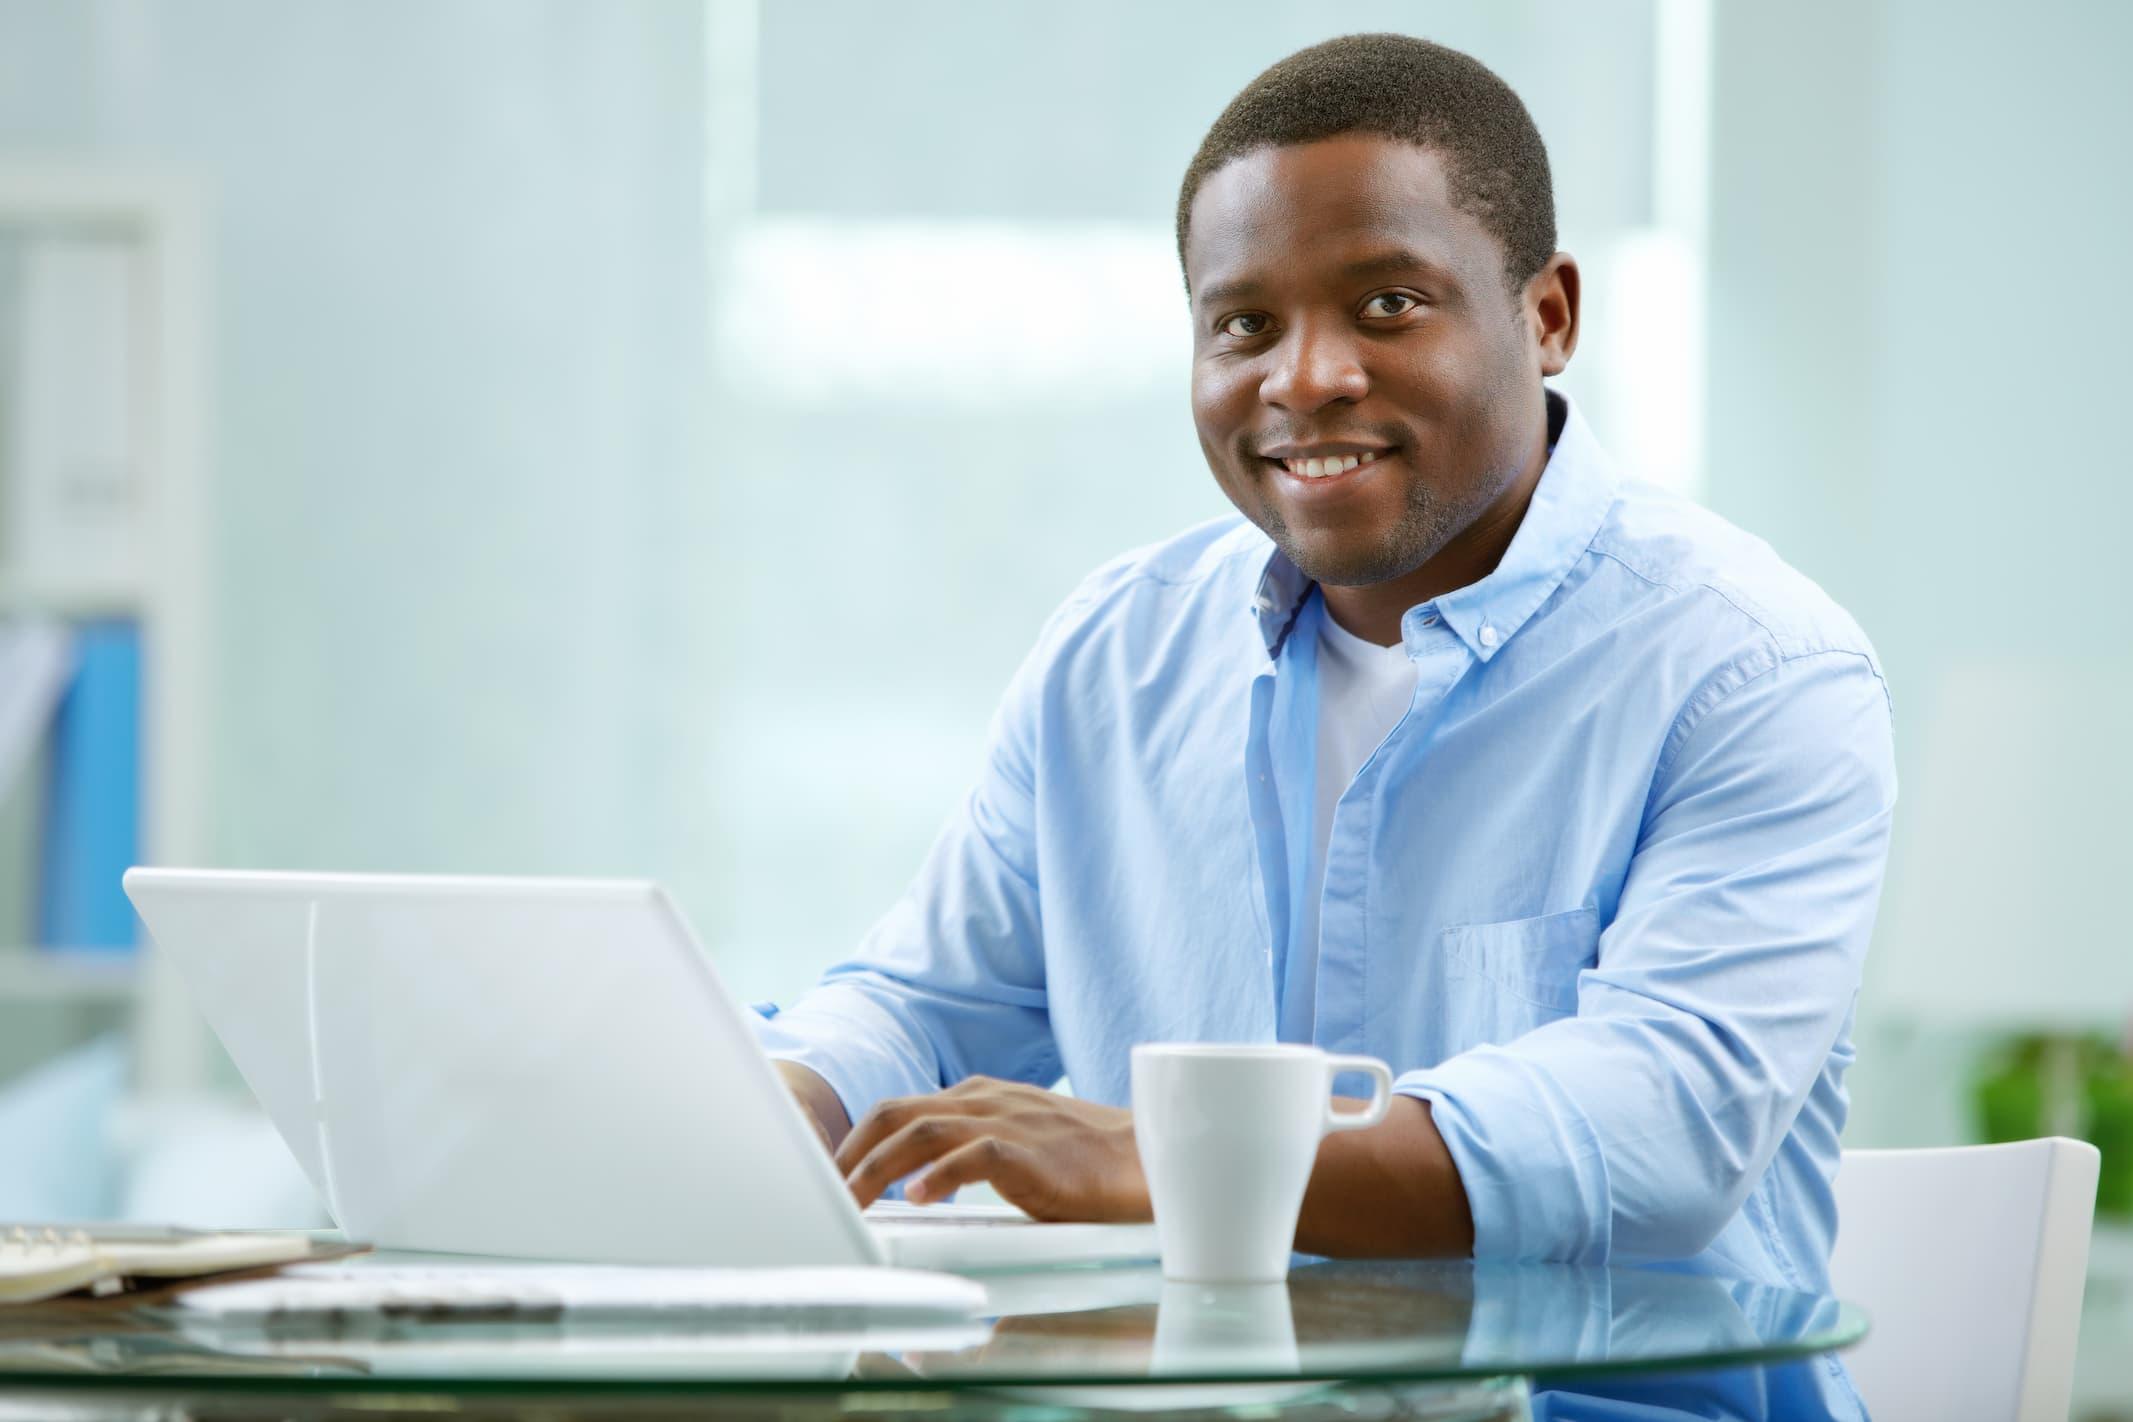 Man sitting at computer smiling